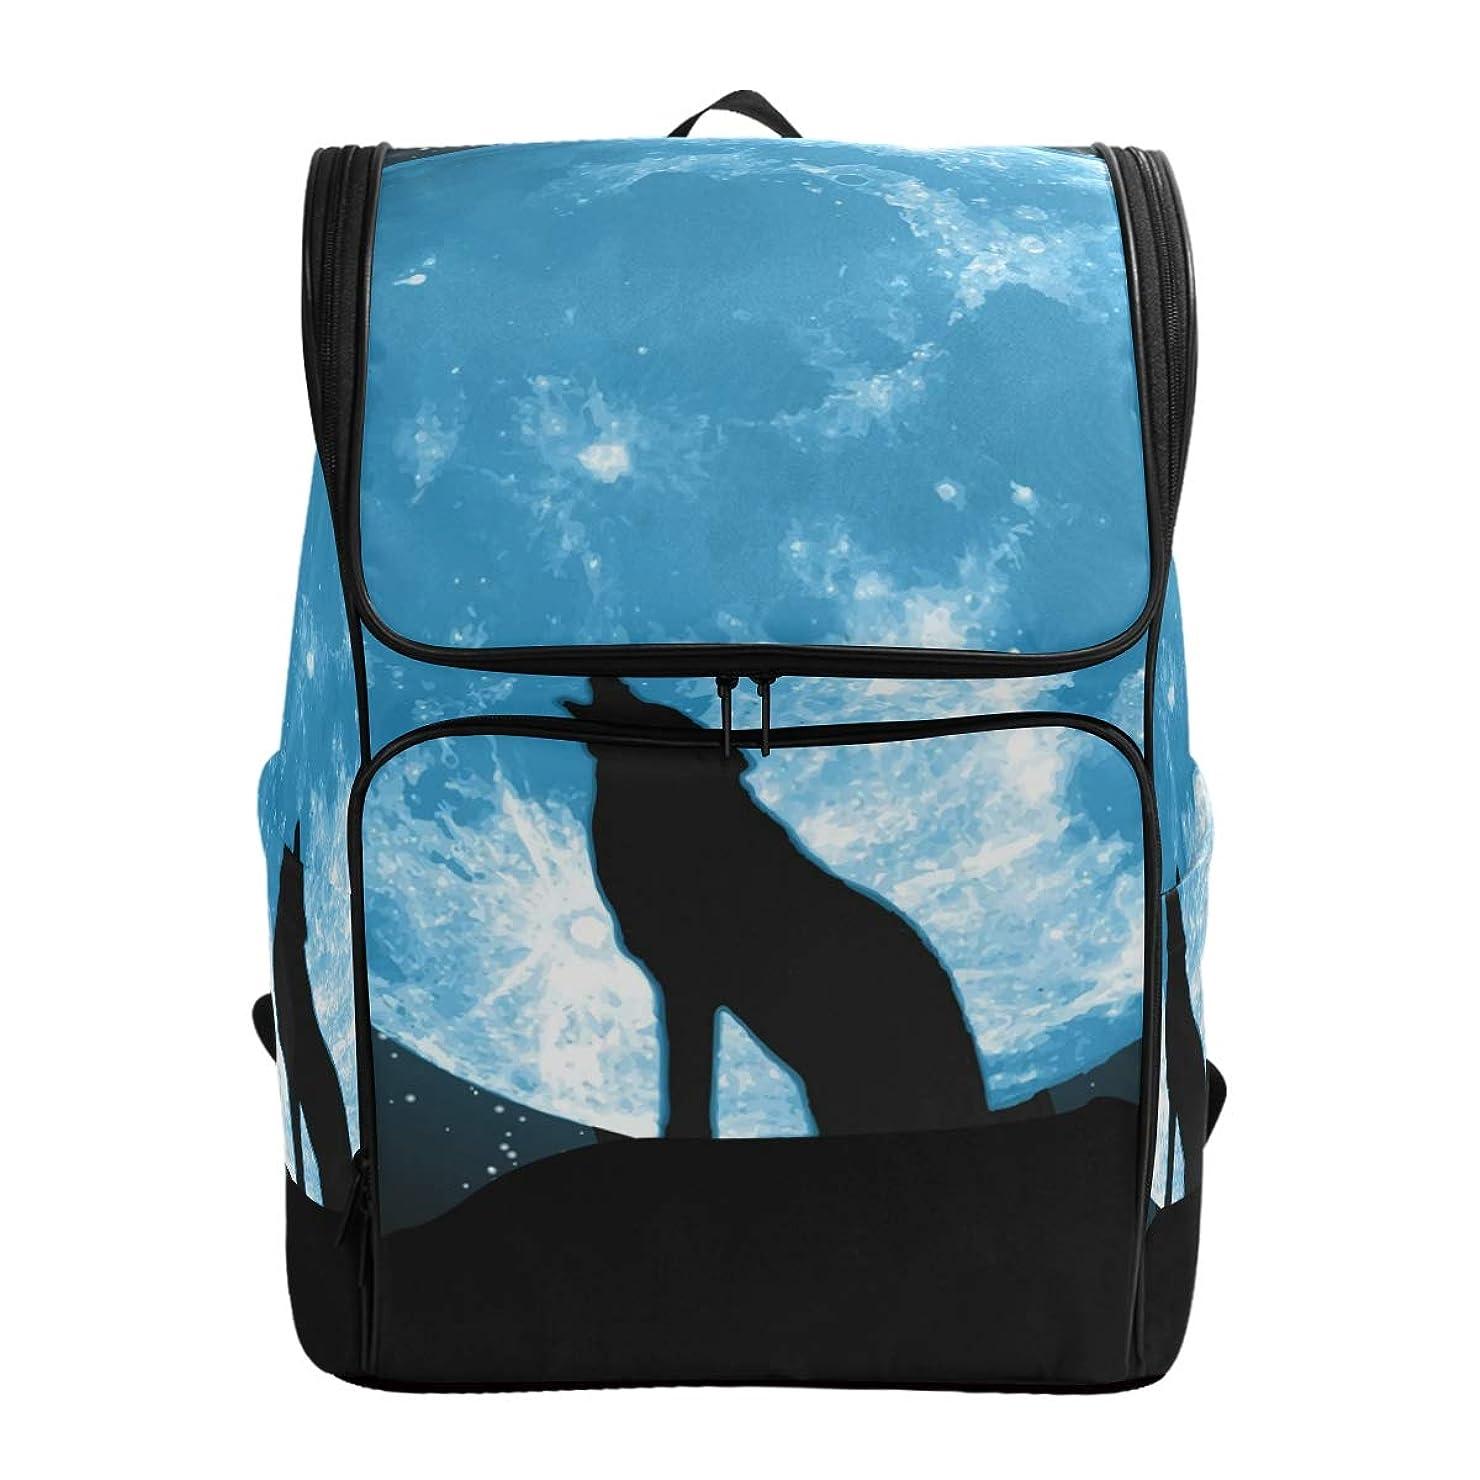 風変わりな魅了する巨大マキク(MAKIKU) リュック 大容量 リュックサック オオカミ 星柄 ブラック レディーズ メンズ 登山 通学 通勤 旅行 プレゼント対応